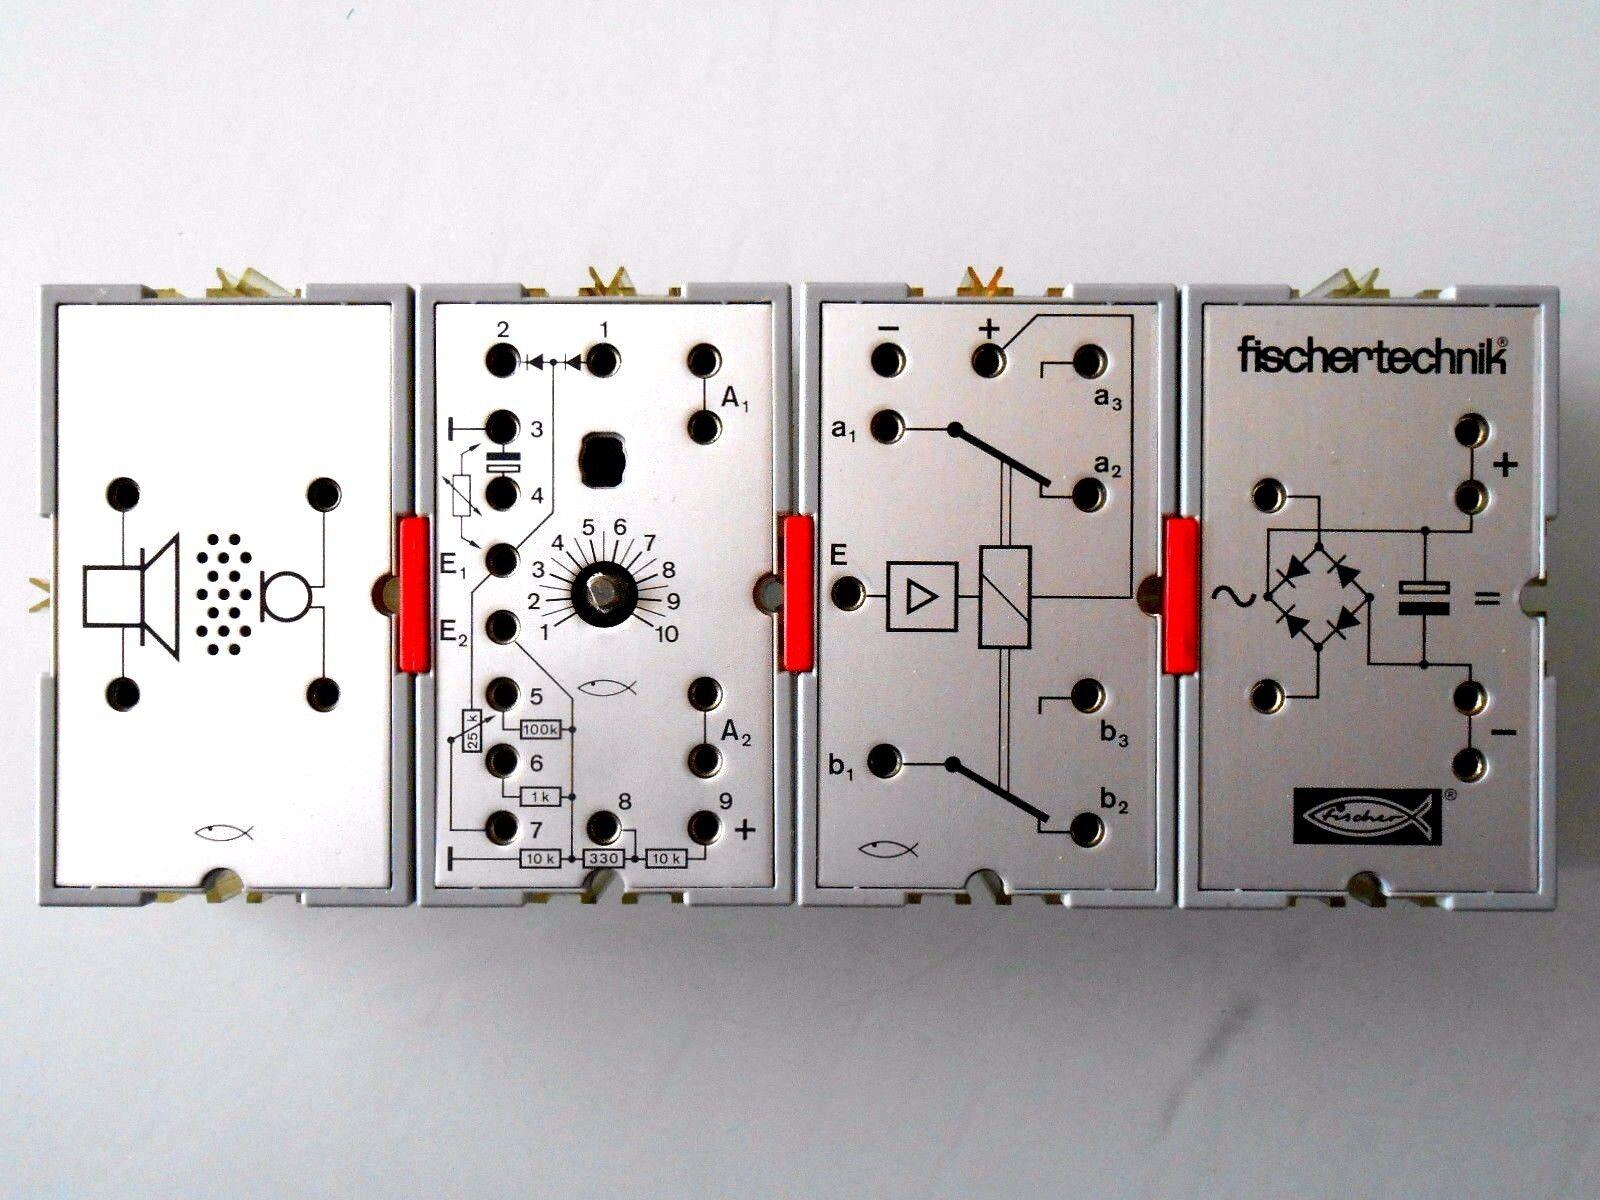 Fischertechnik silverlinge aus Hobby4  u-t4 Elektronik Elektronik Elektronik Bausteine  TOP   0bb5d0